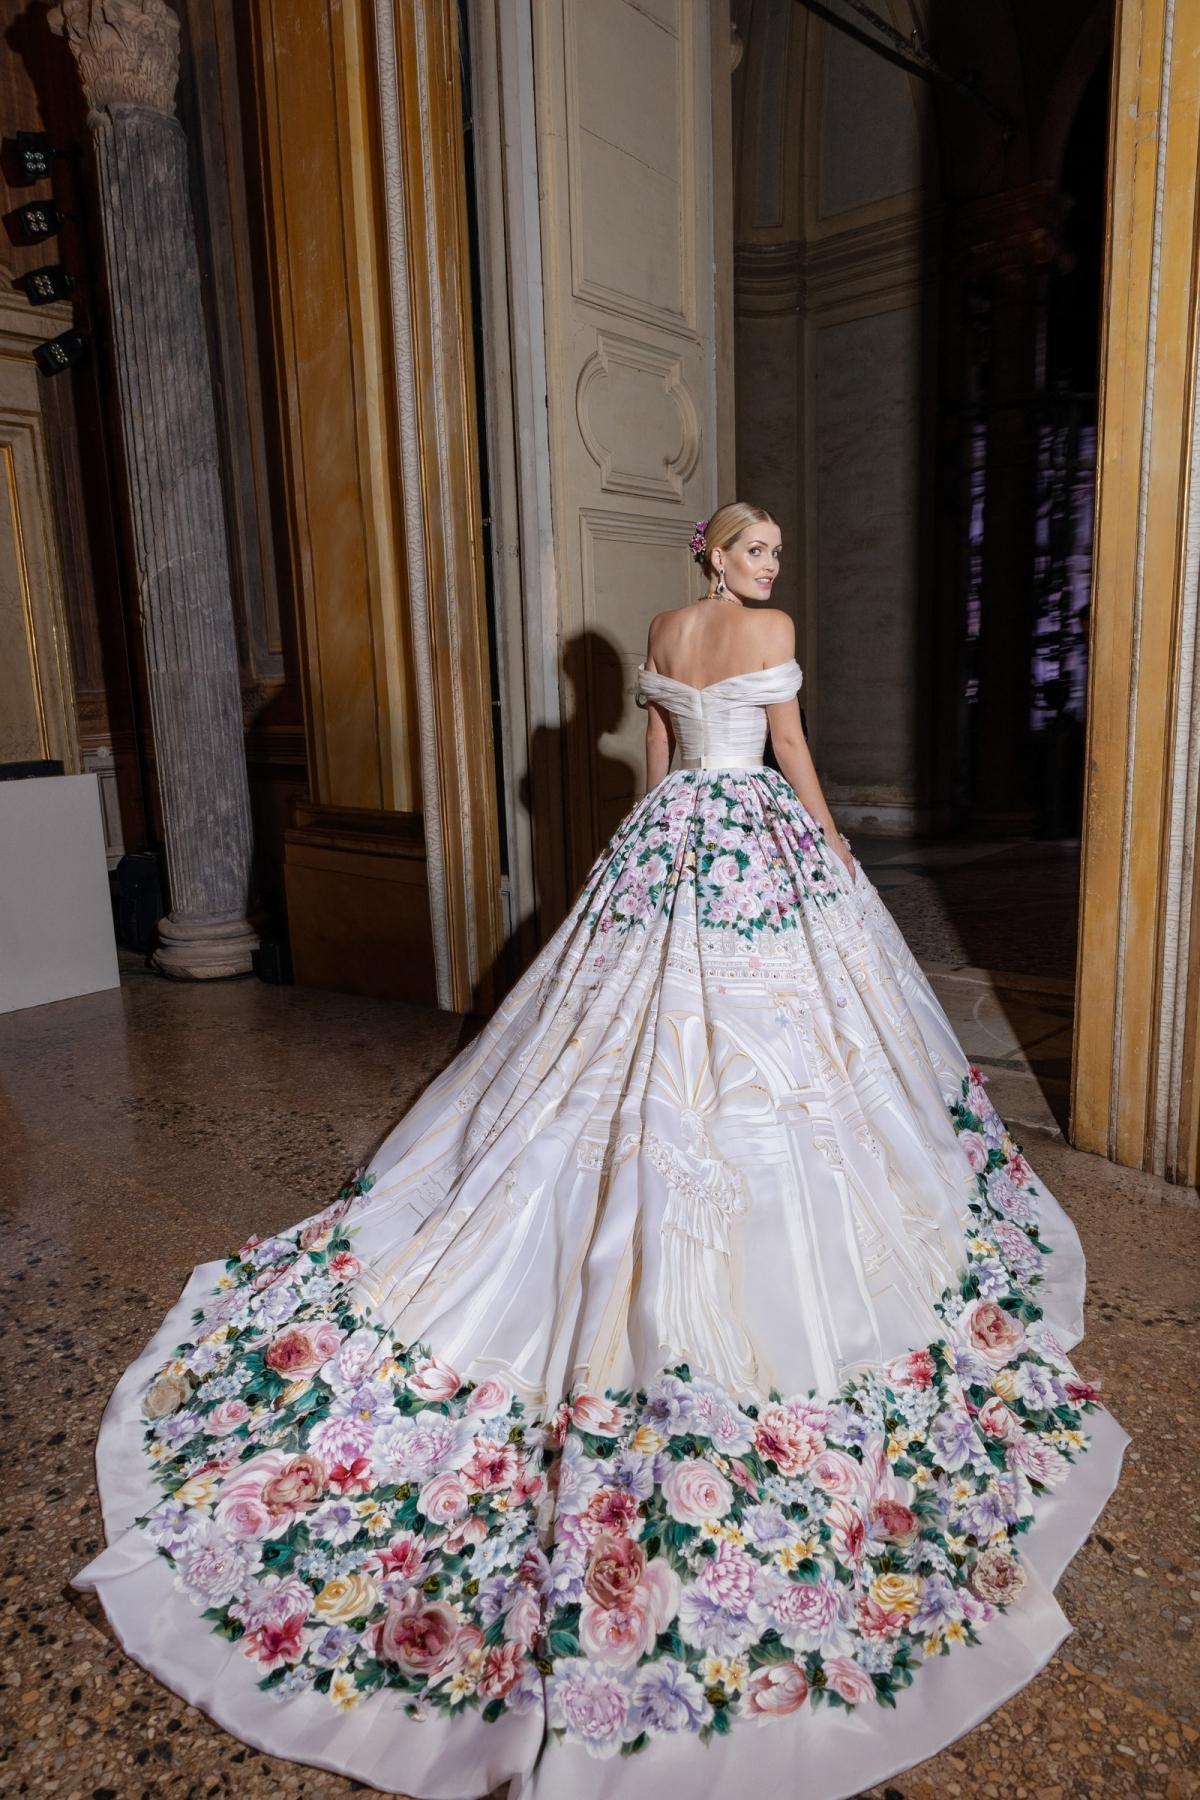 Một thiết kế khác được Kitty mặc trong đám cưới ở lâu đài là bộ trang phục váy lụa Mikado đính kết hạt sequins nhỏ và những bông hoa.